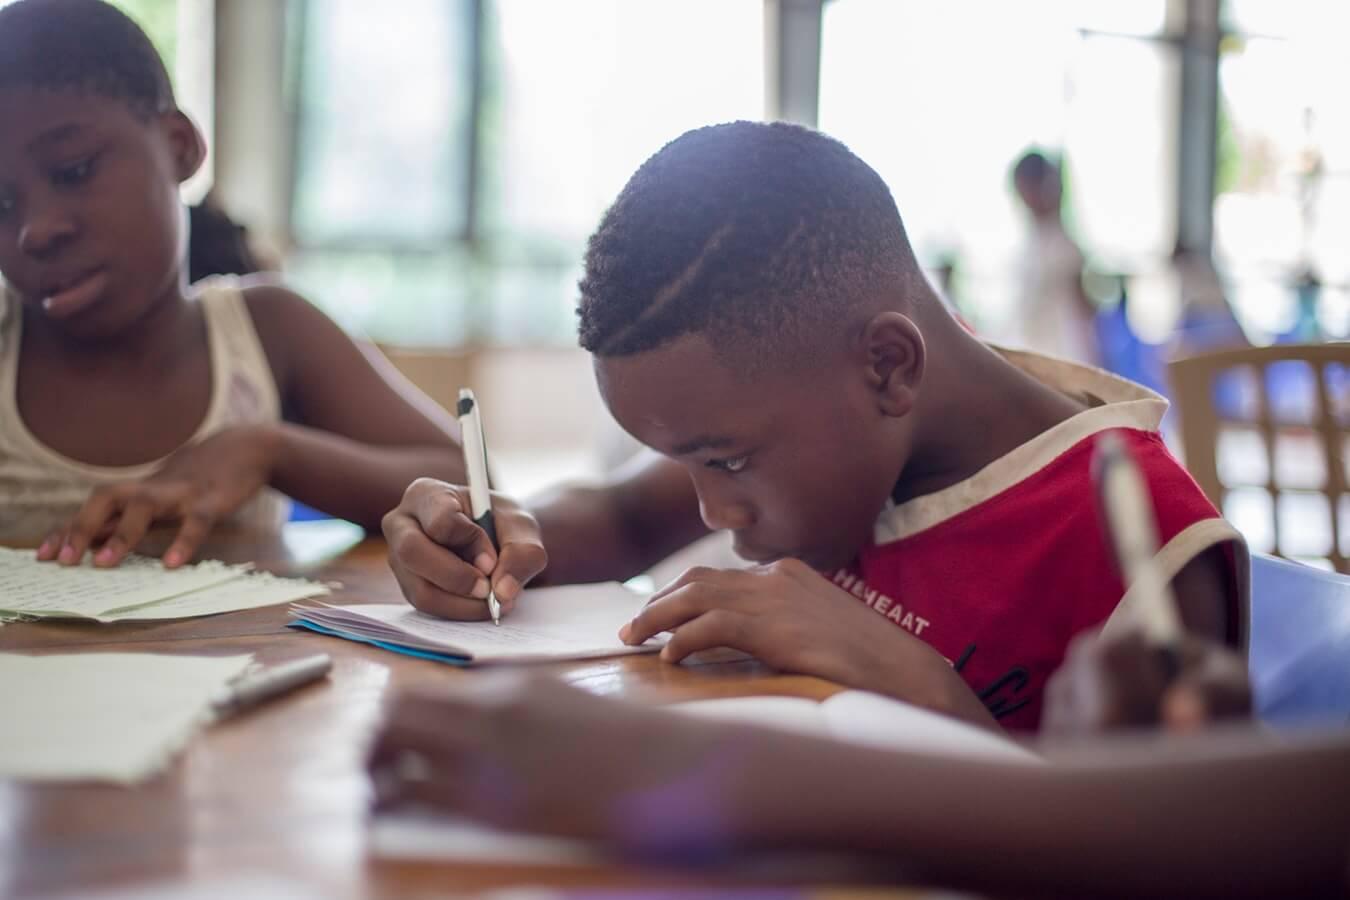 estágio em psicologia: menino escrevendo em caderno